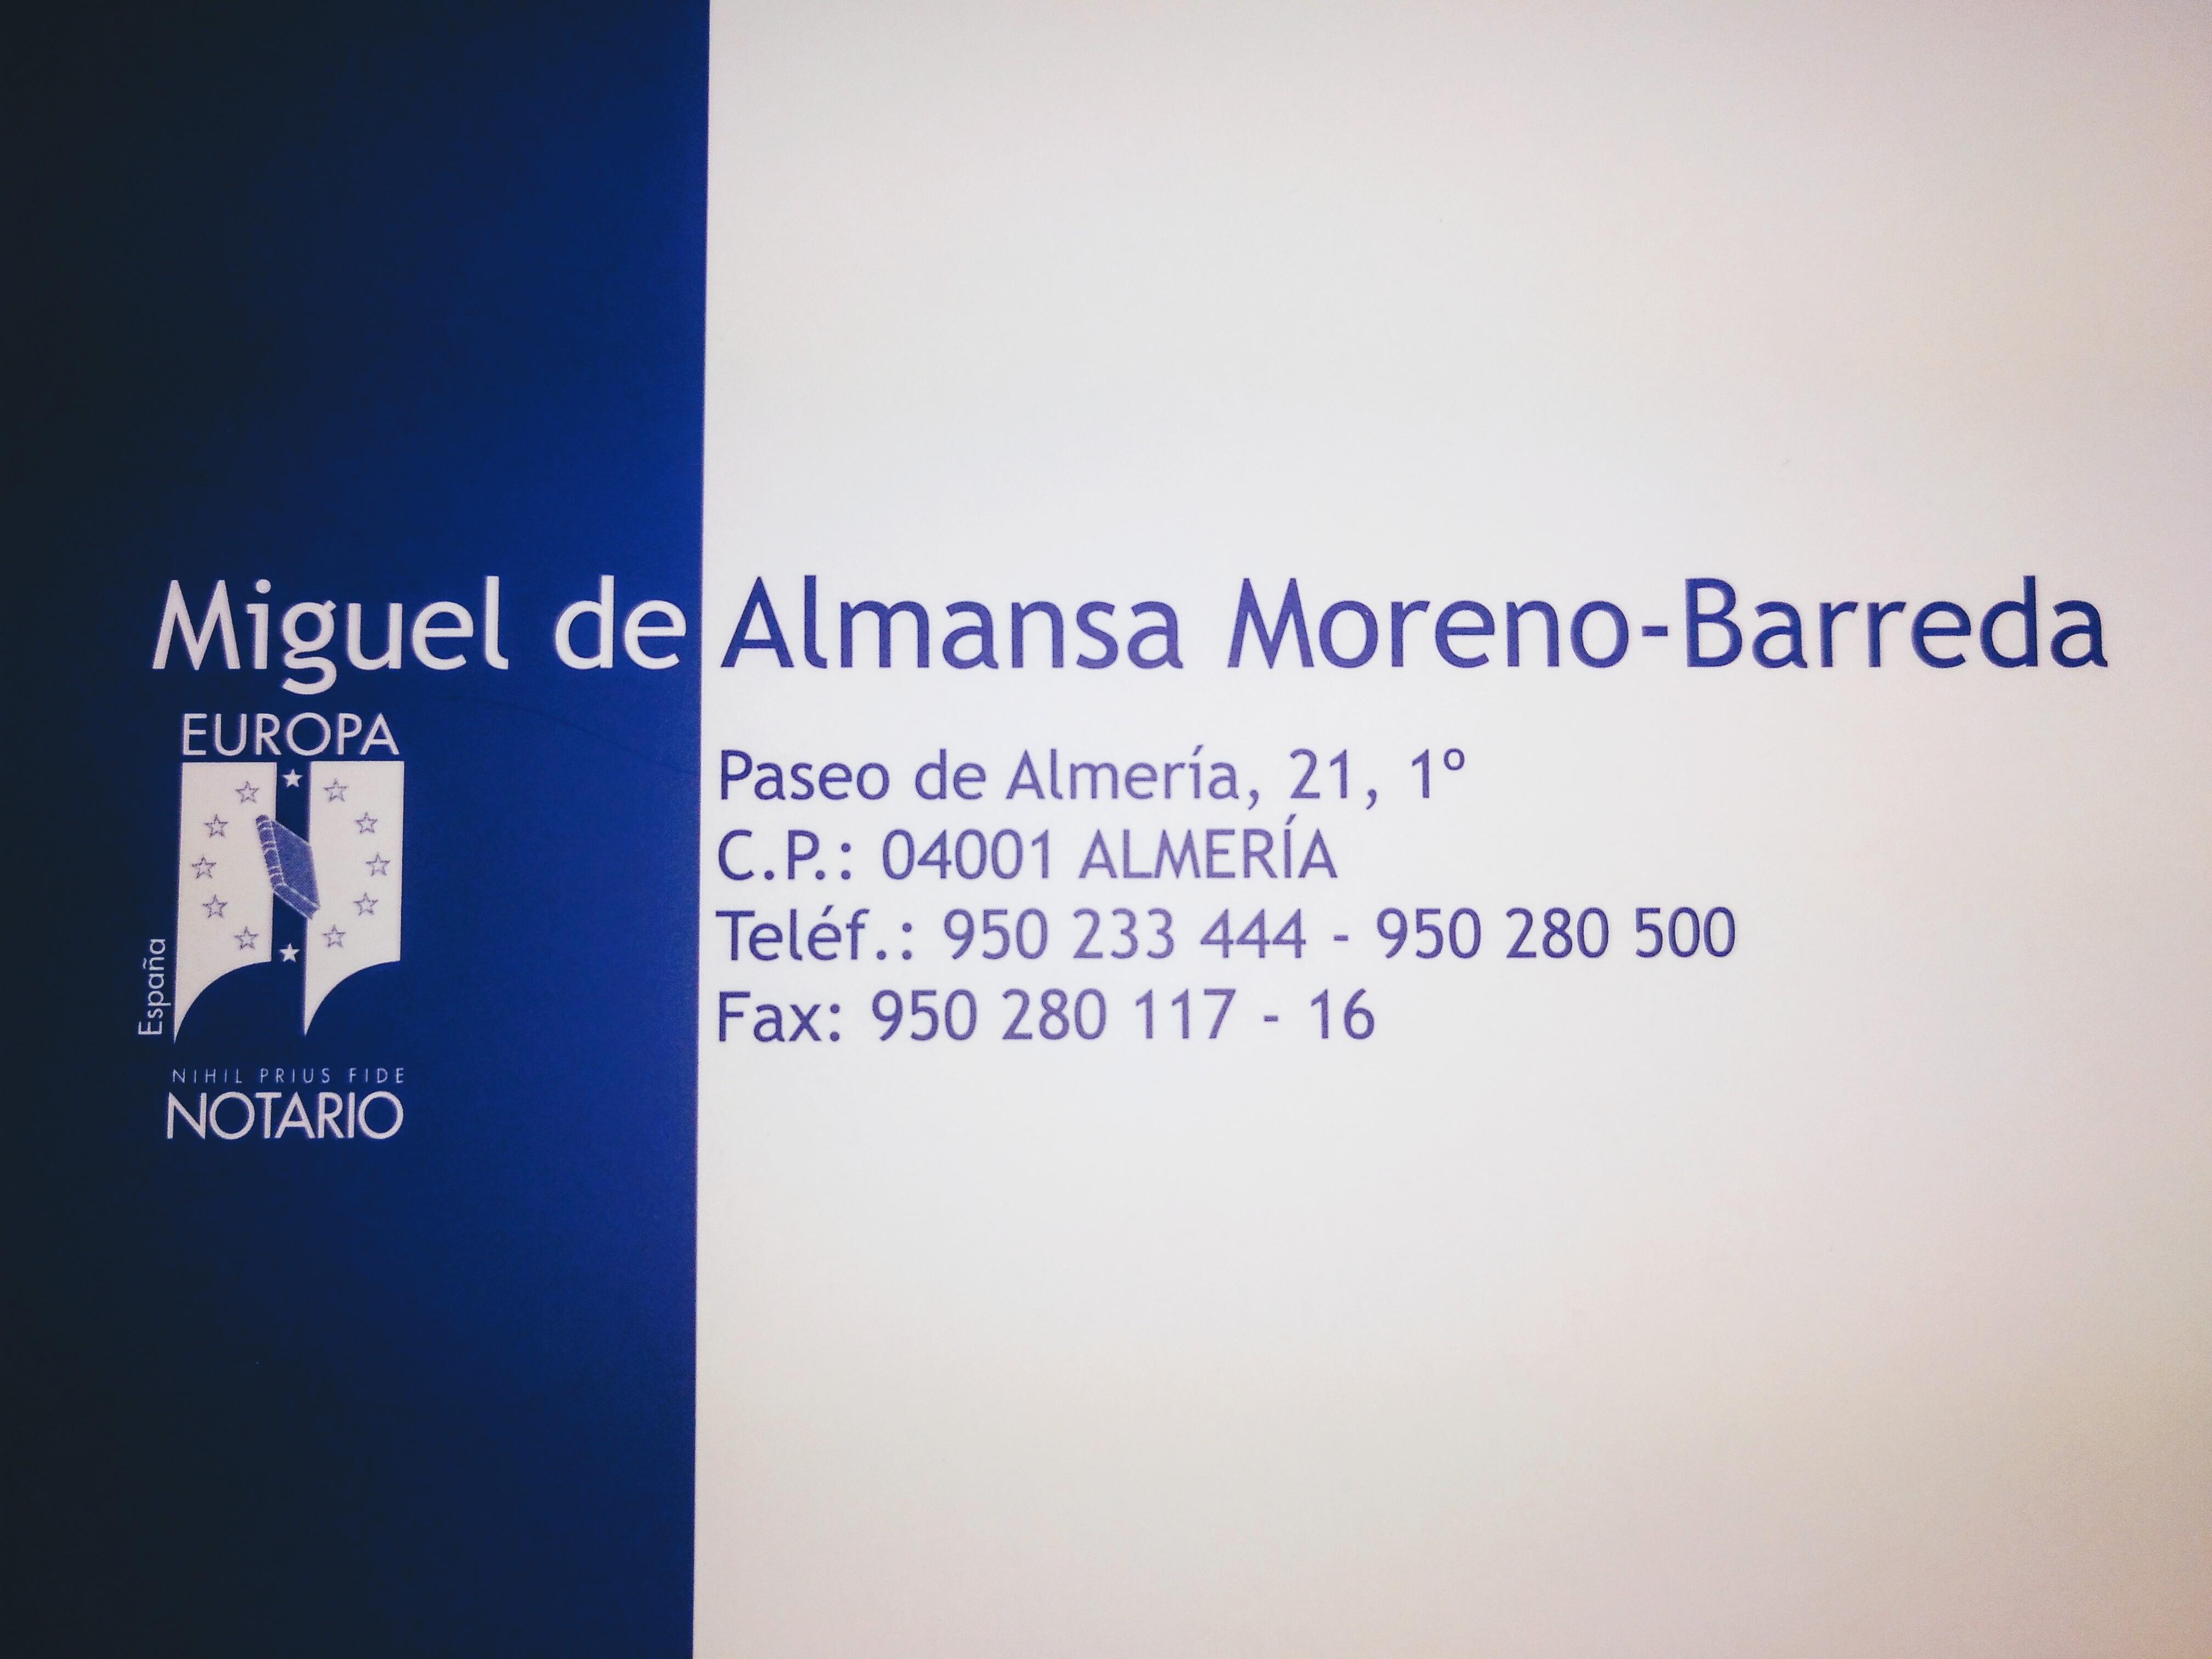 Notaría Miguel de Almansa Moreno-Barreda